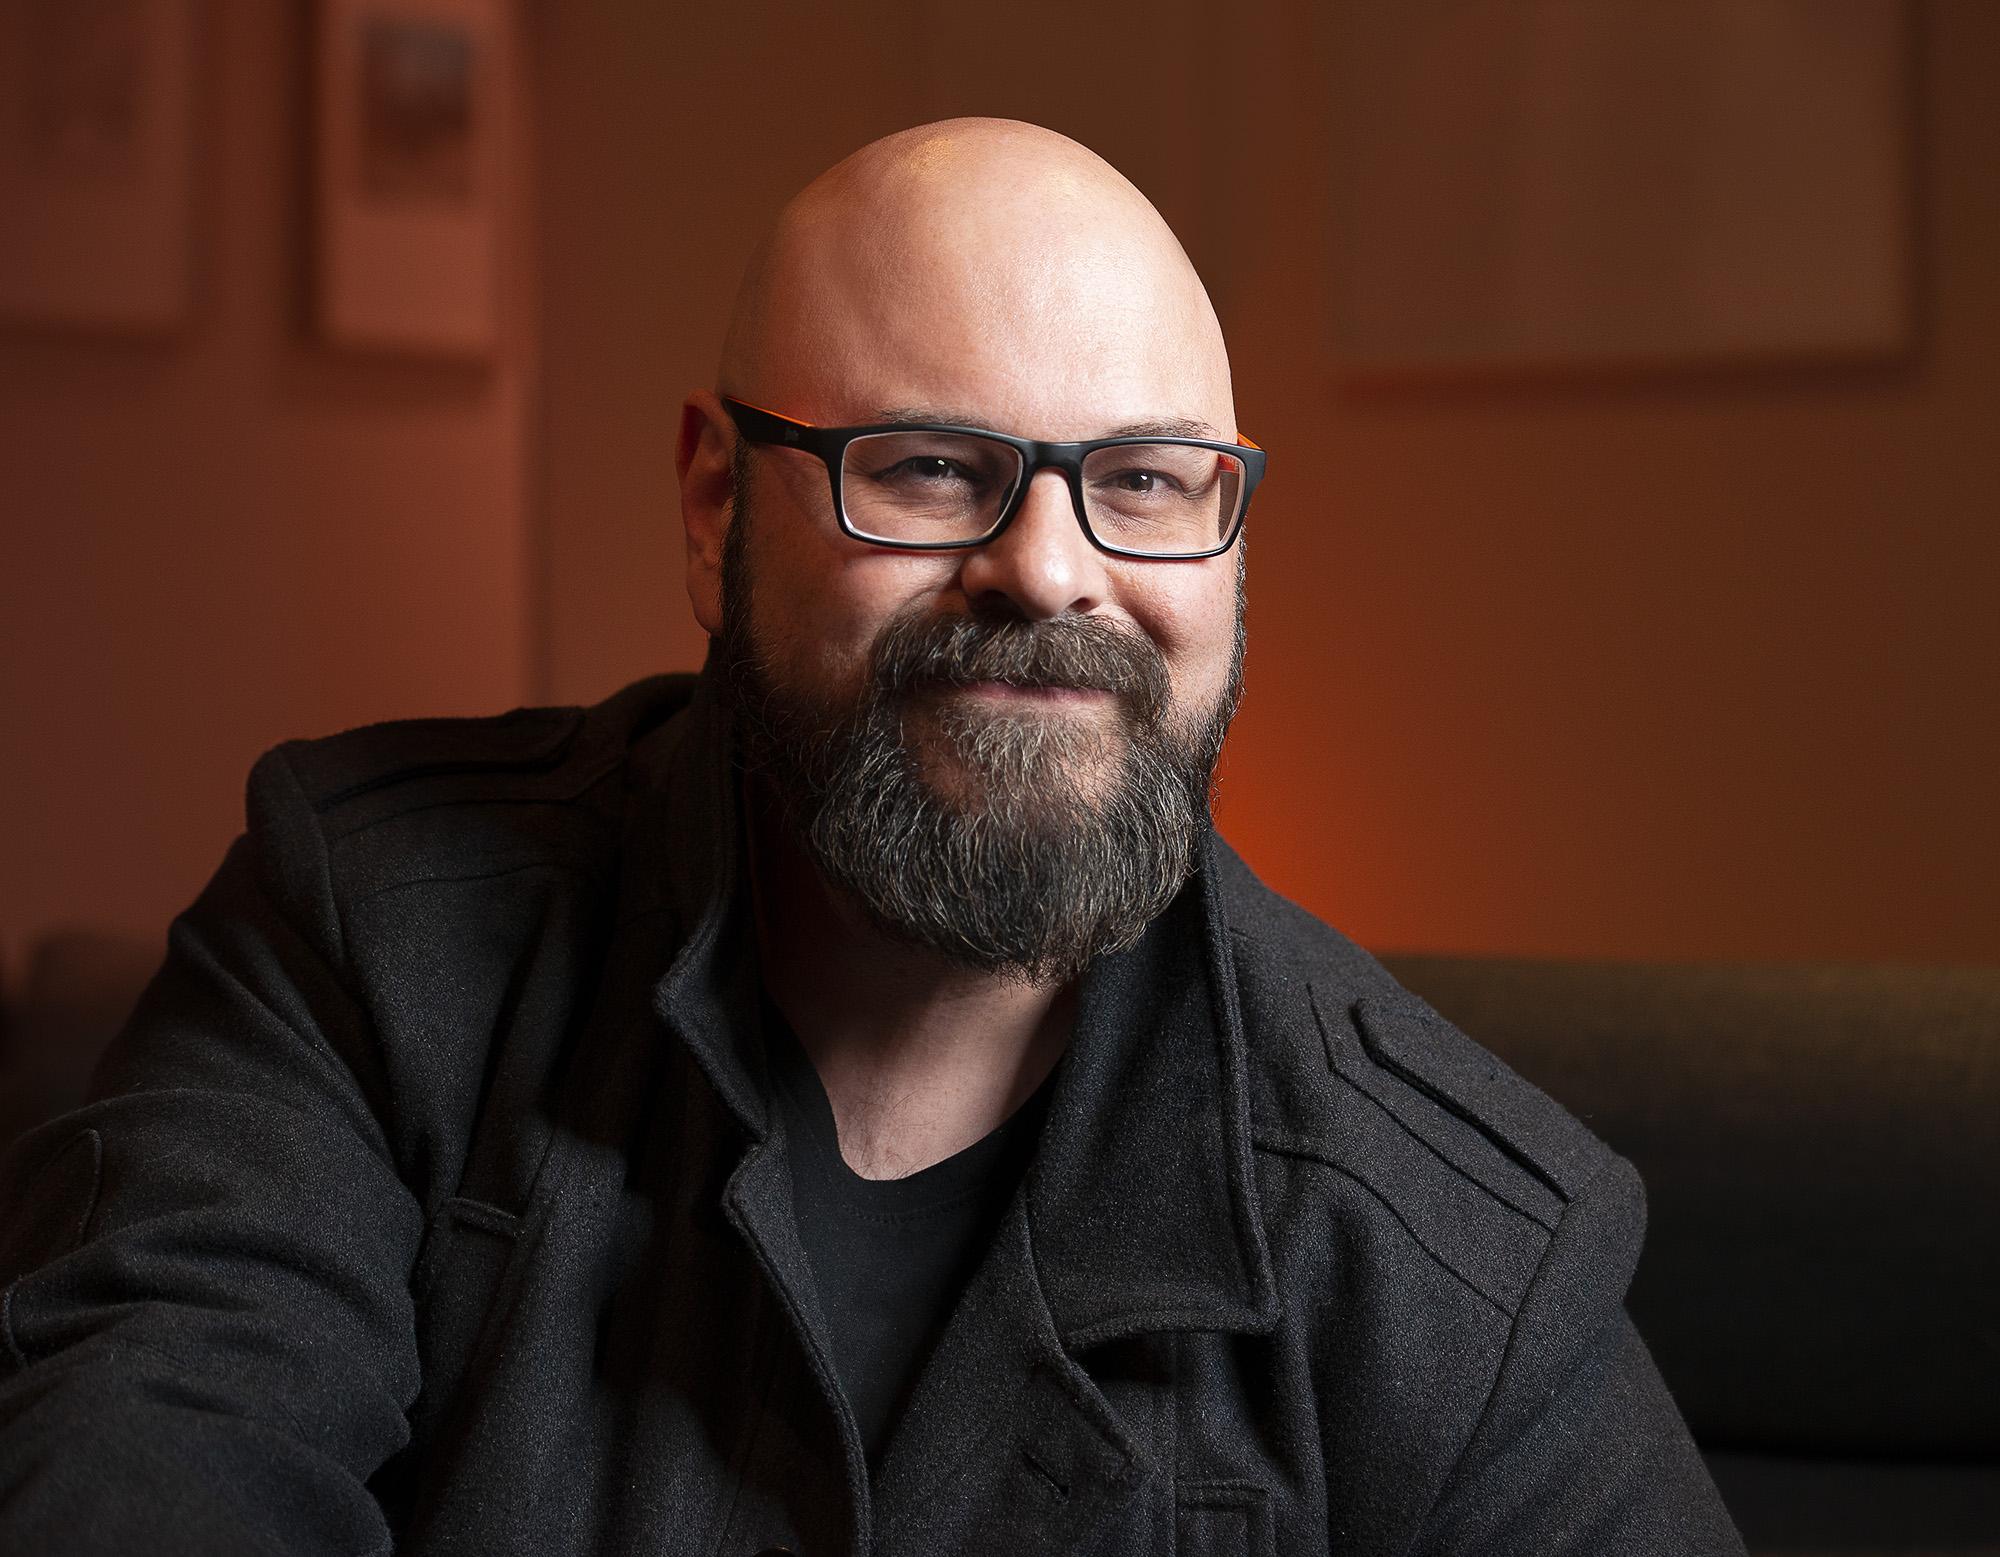 Steve Scalone, photographer, educator and Hutt 2019 speaker